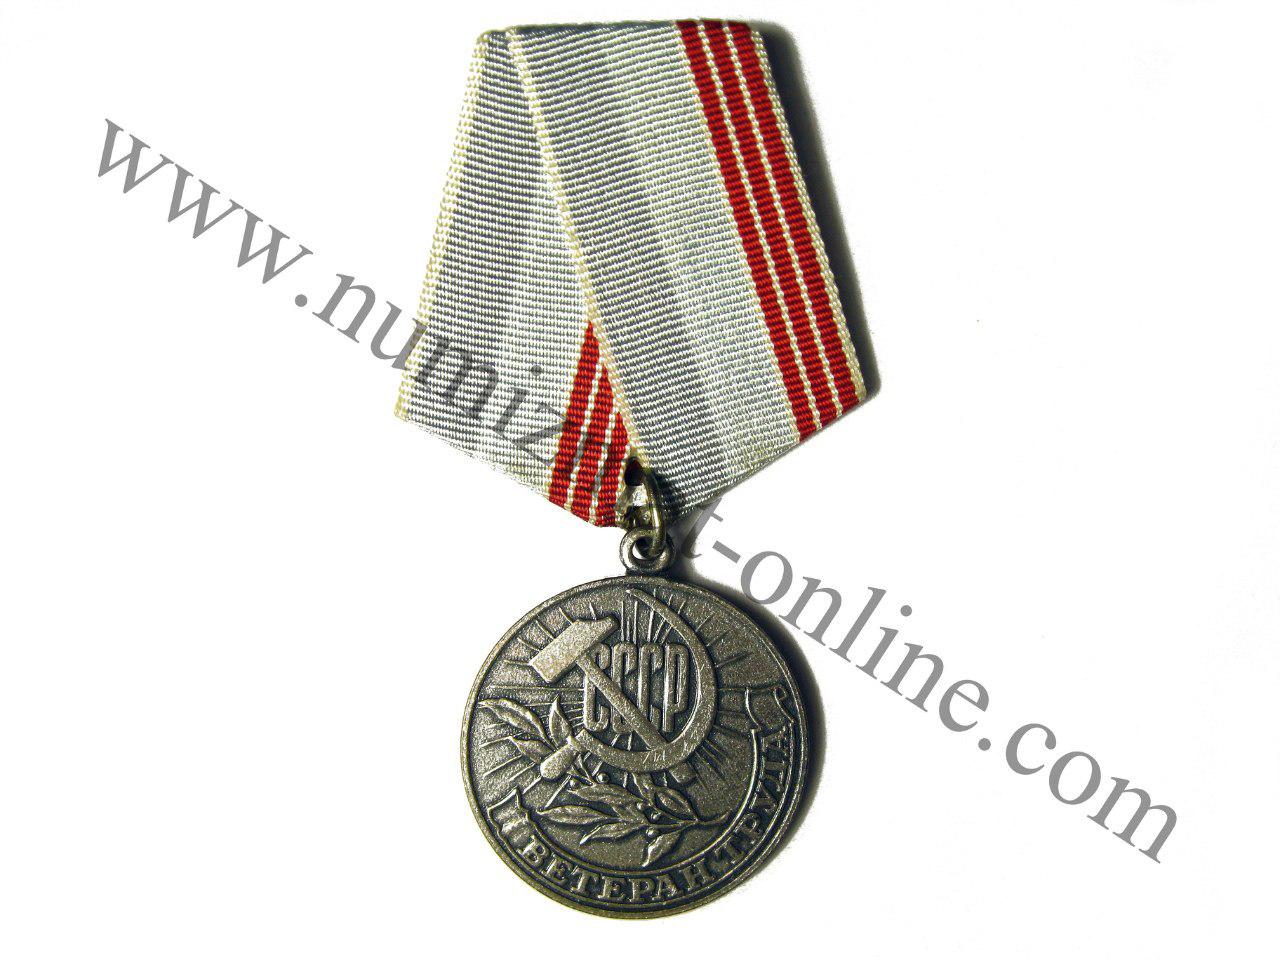 Медаль «Ветеран труда» - почетная награда, вручаемая работникам сельского хозяйства и промышленности за 25 и более лет добросовестной работы на одном месте (в одном секторе).